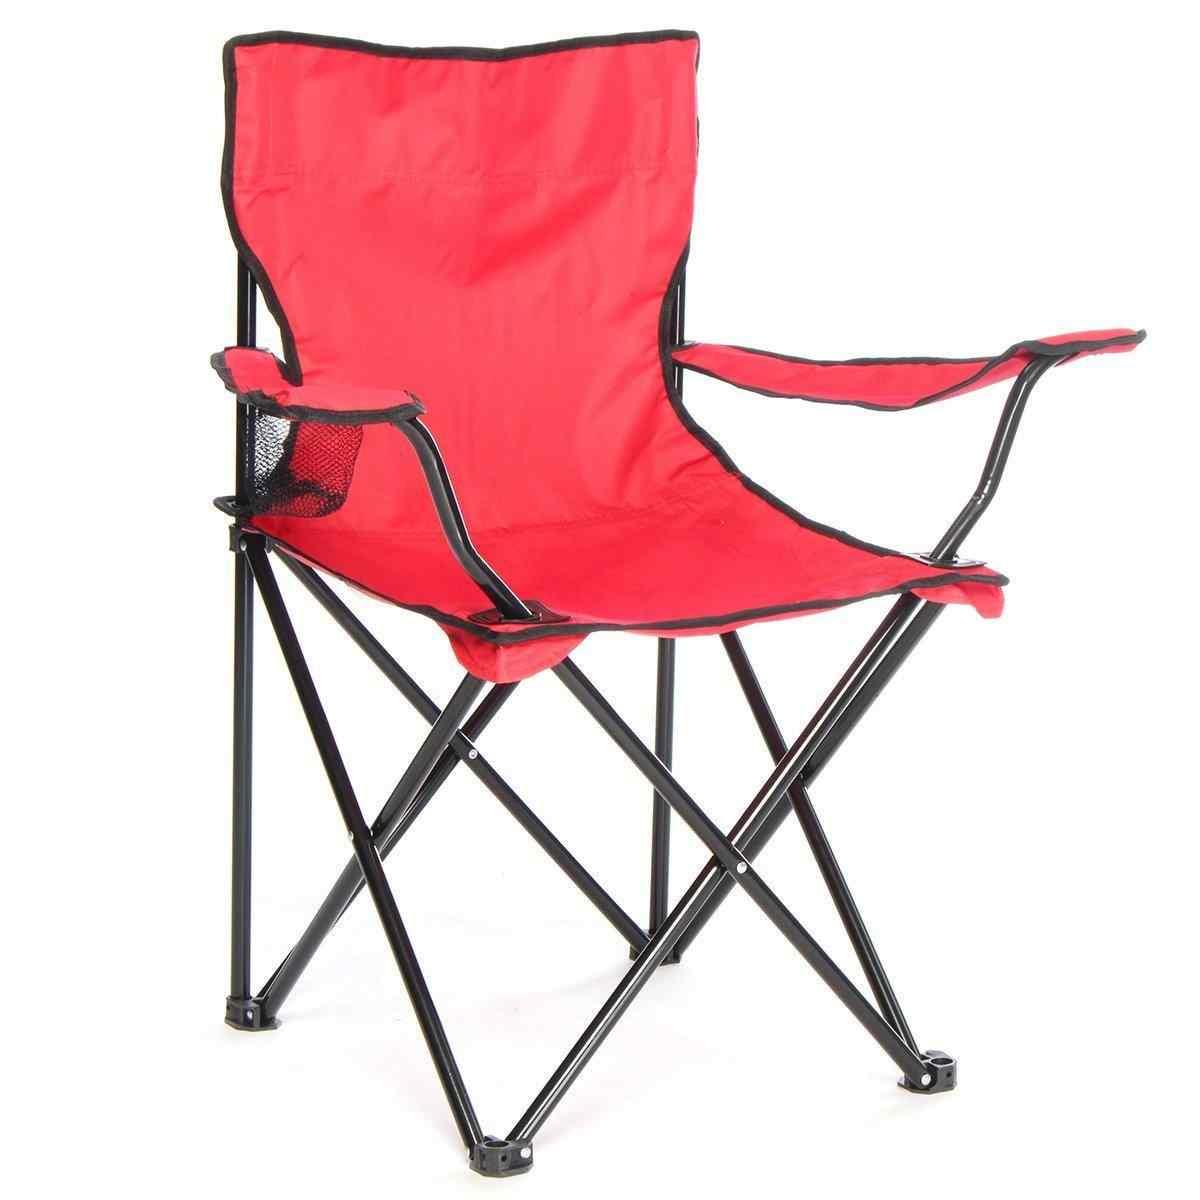 Çantalı Kamp Sandalyesi Balıkçı Plaj Piknik Koltuk Kırmızı